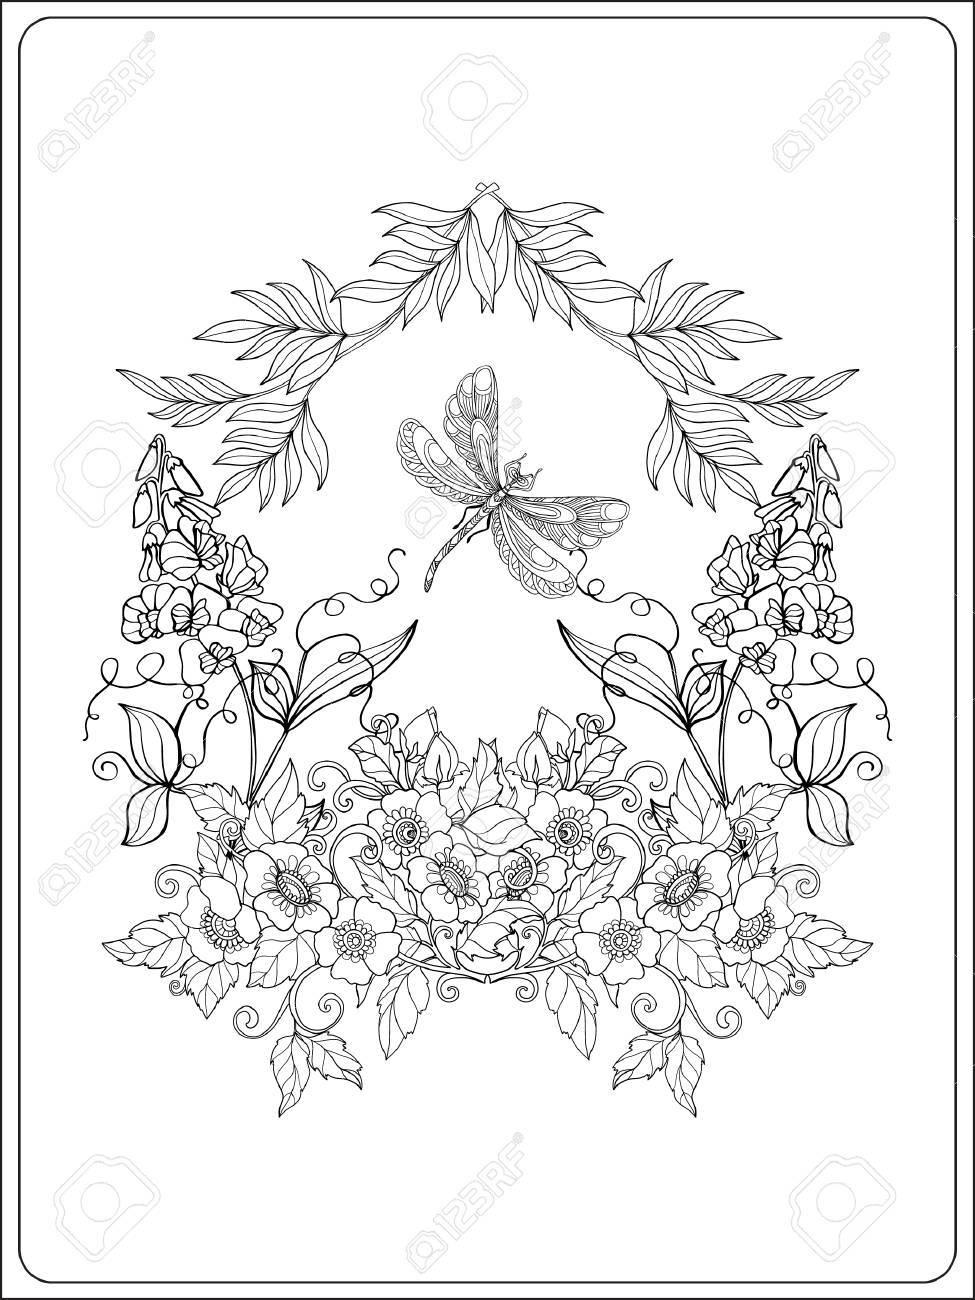 Dekorative Blumen, Vögel Und Schmetterlinge. Malbuch Für